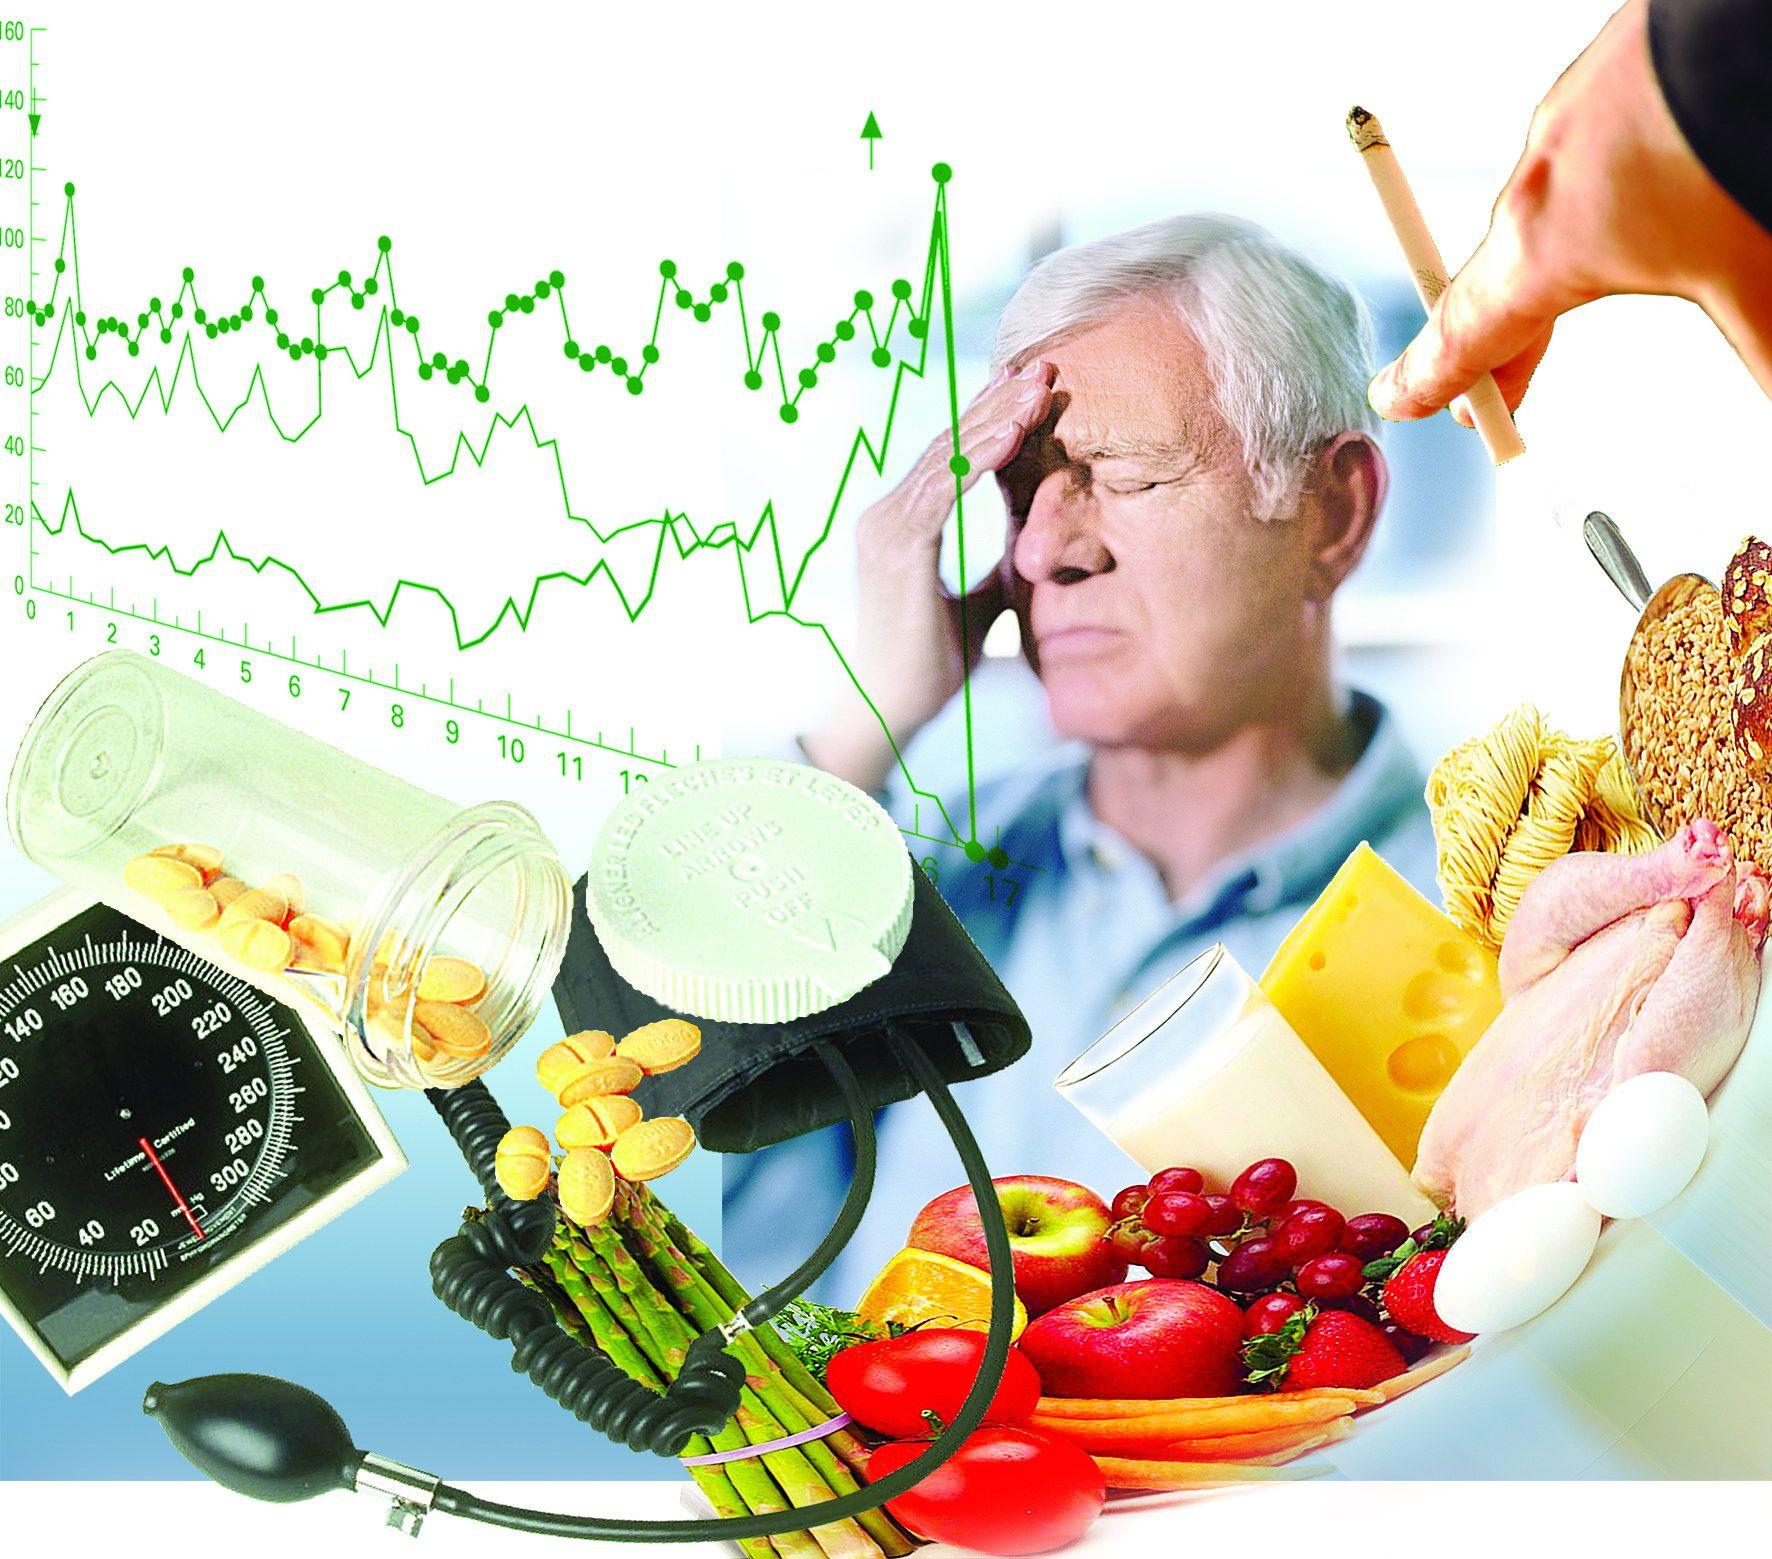 При выявлении первых симптомов повышенного холестерина нужно обратиться к врачу